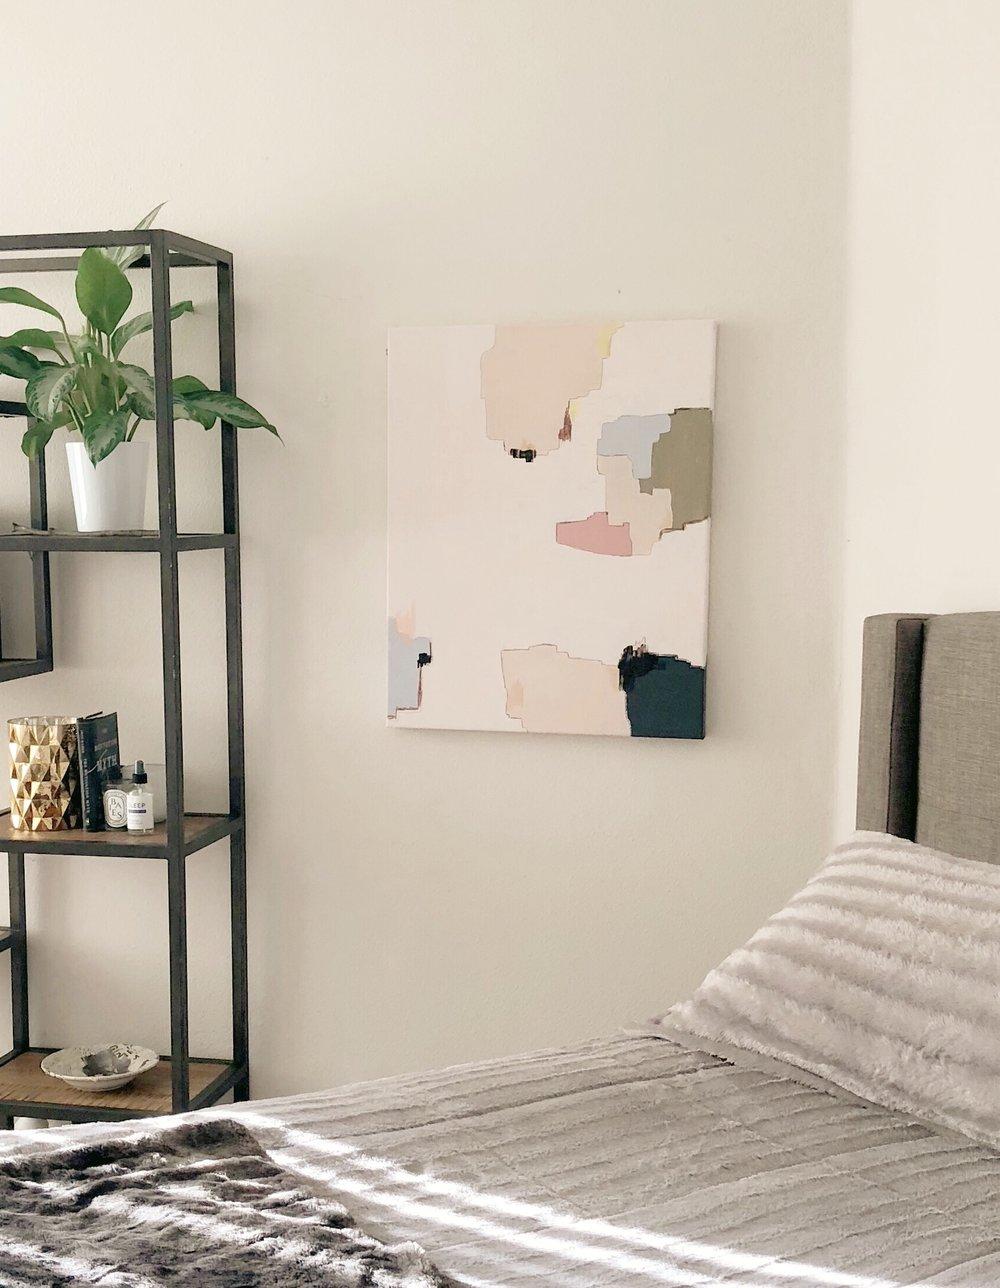 """""""BRDR03"""", 2018  Acrylic on canvas, 24"""" x 30  $400"""